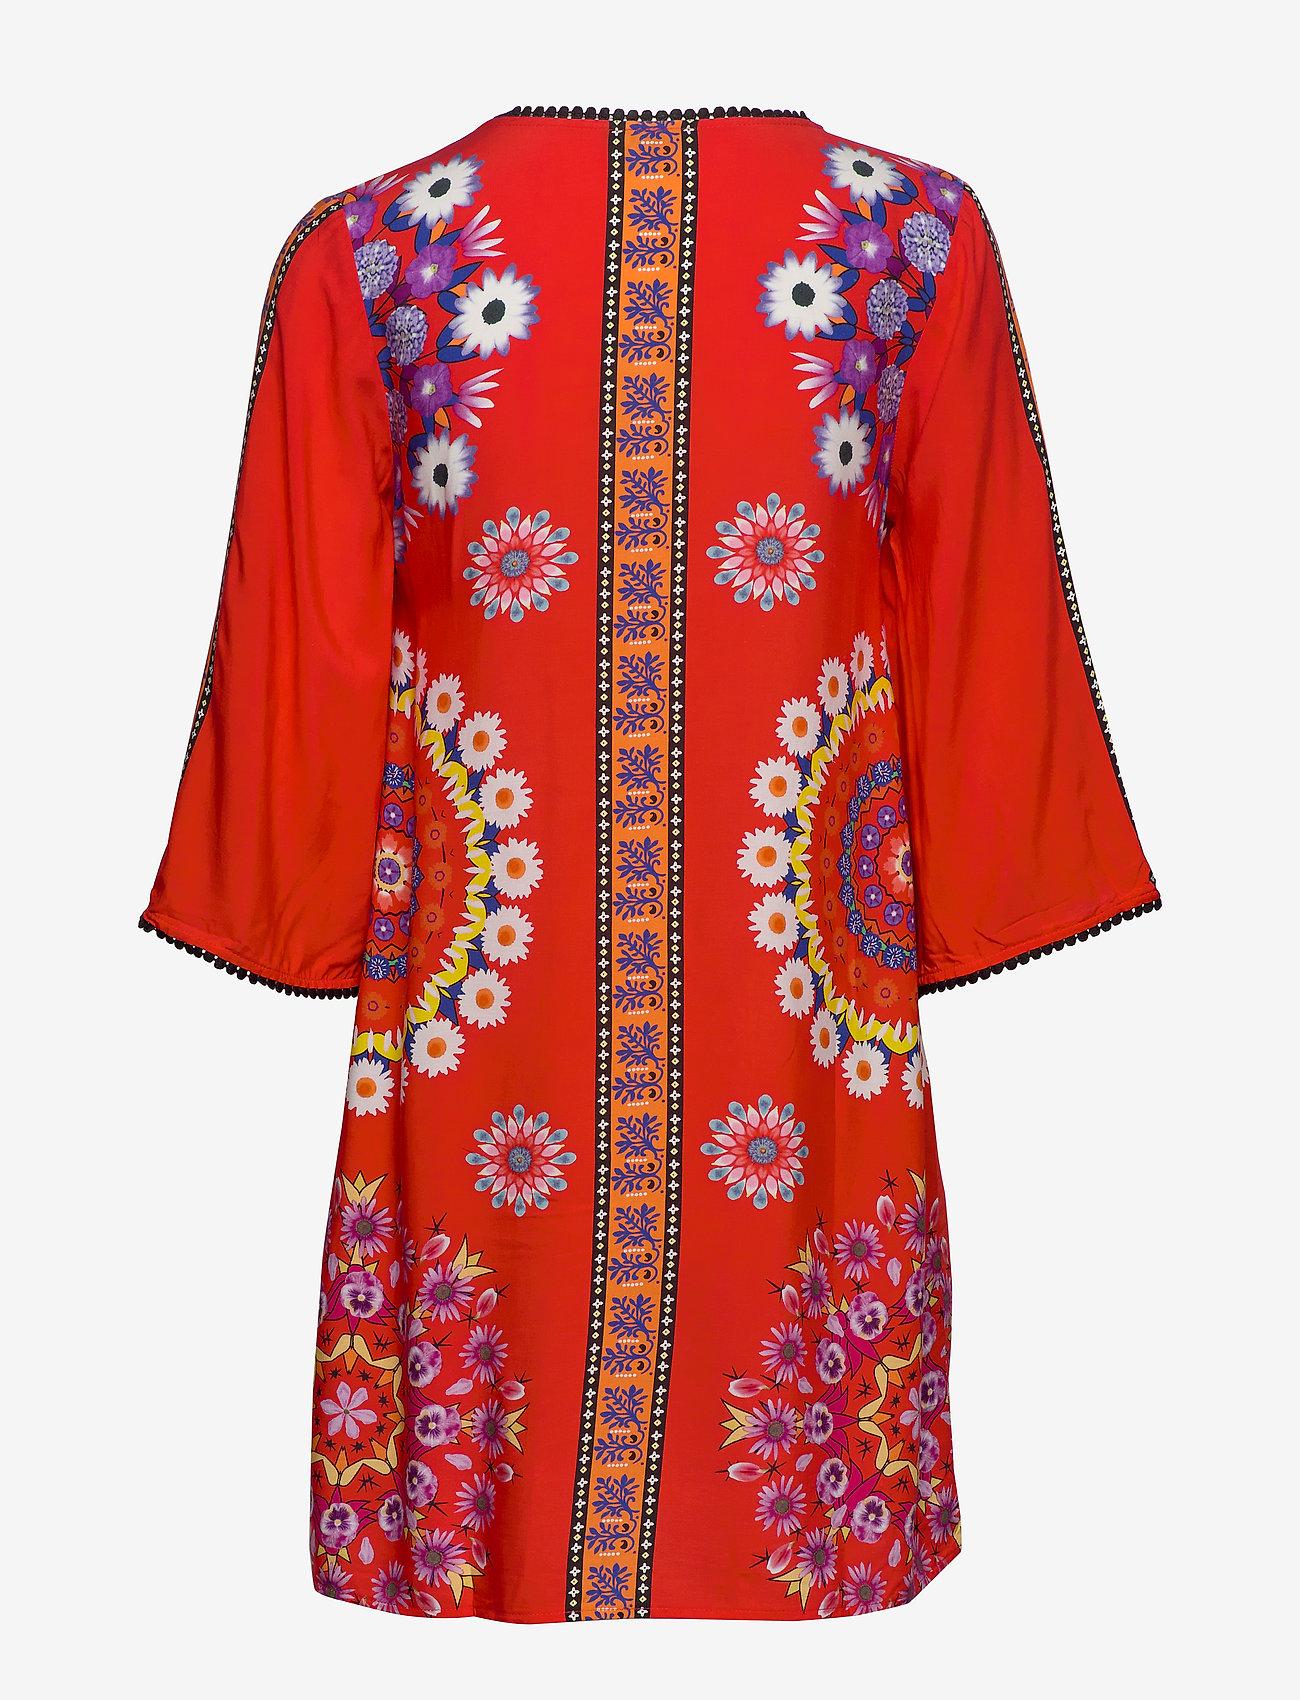 Vest Creta (Rojo Clavel) (489.30 kr) - Desigual